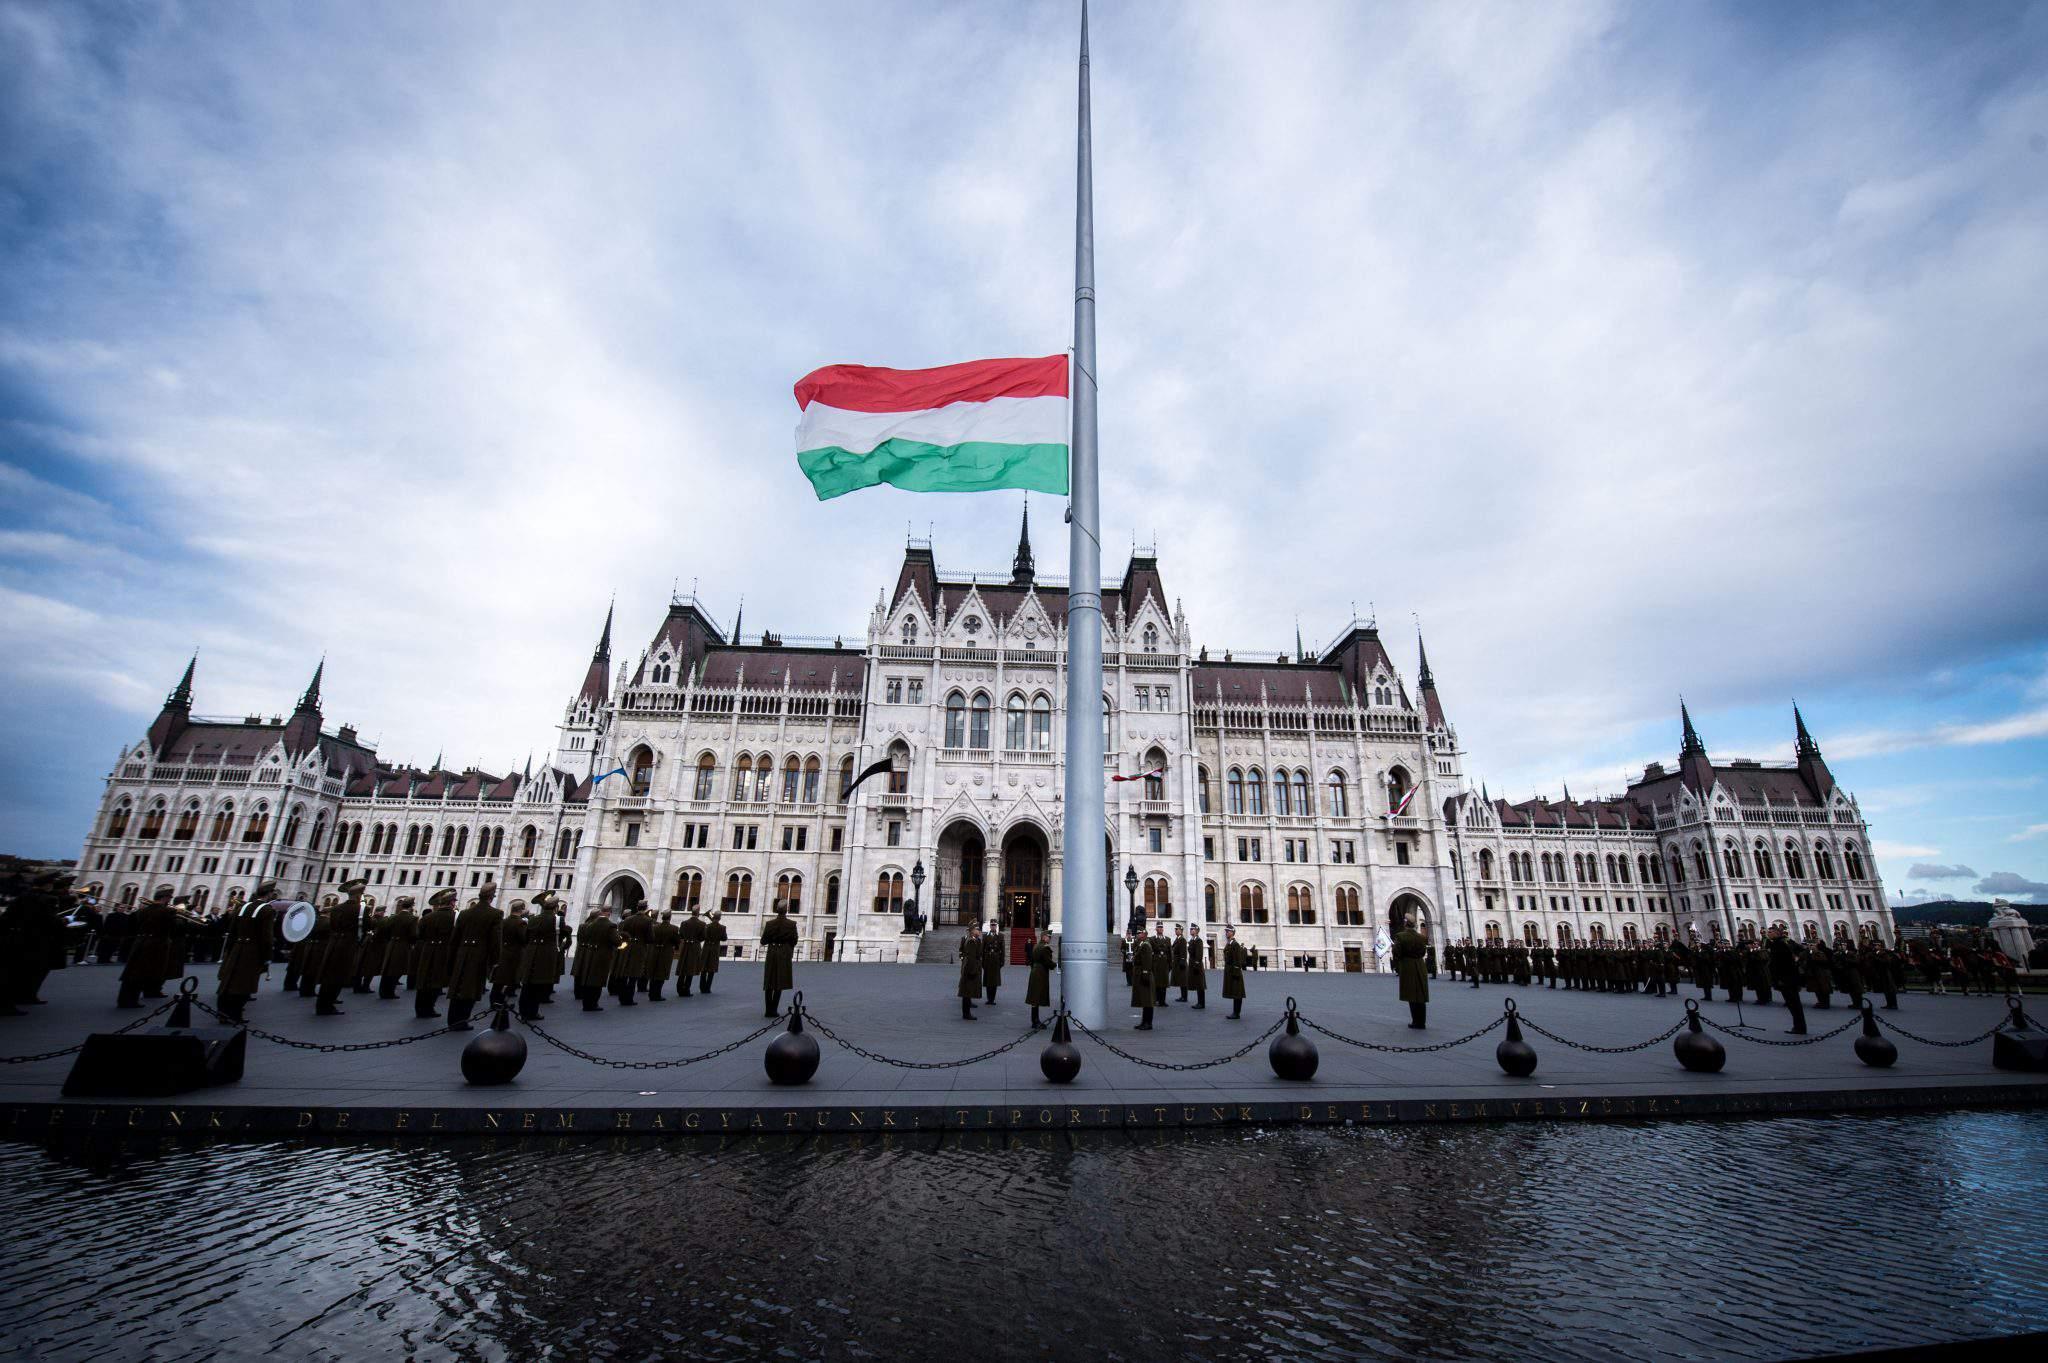 Augusztus 20. - Kásler Miklós és Fekete Péter állami díjakat adott át